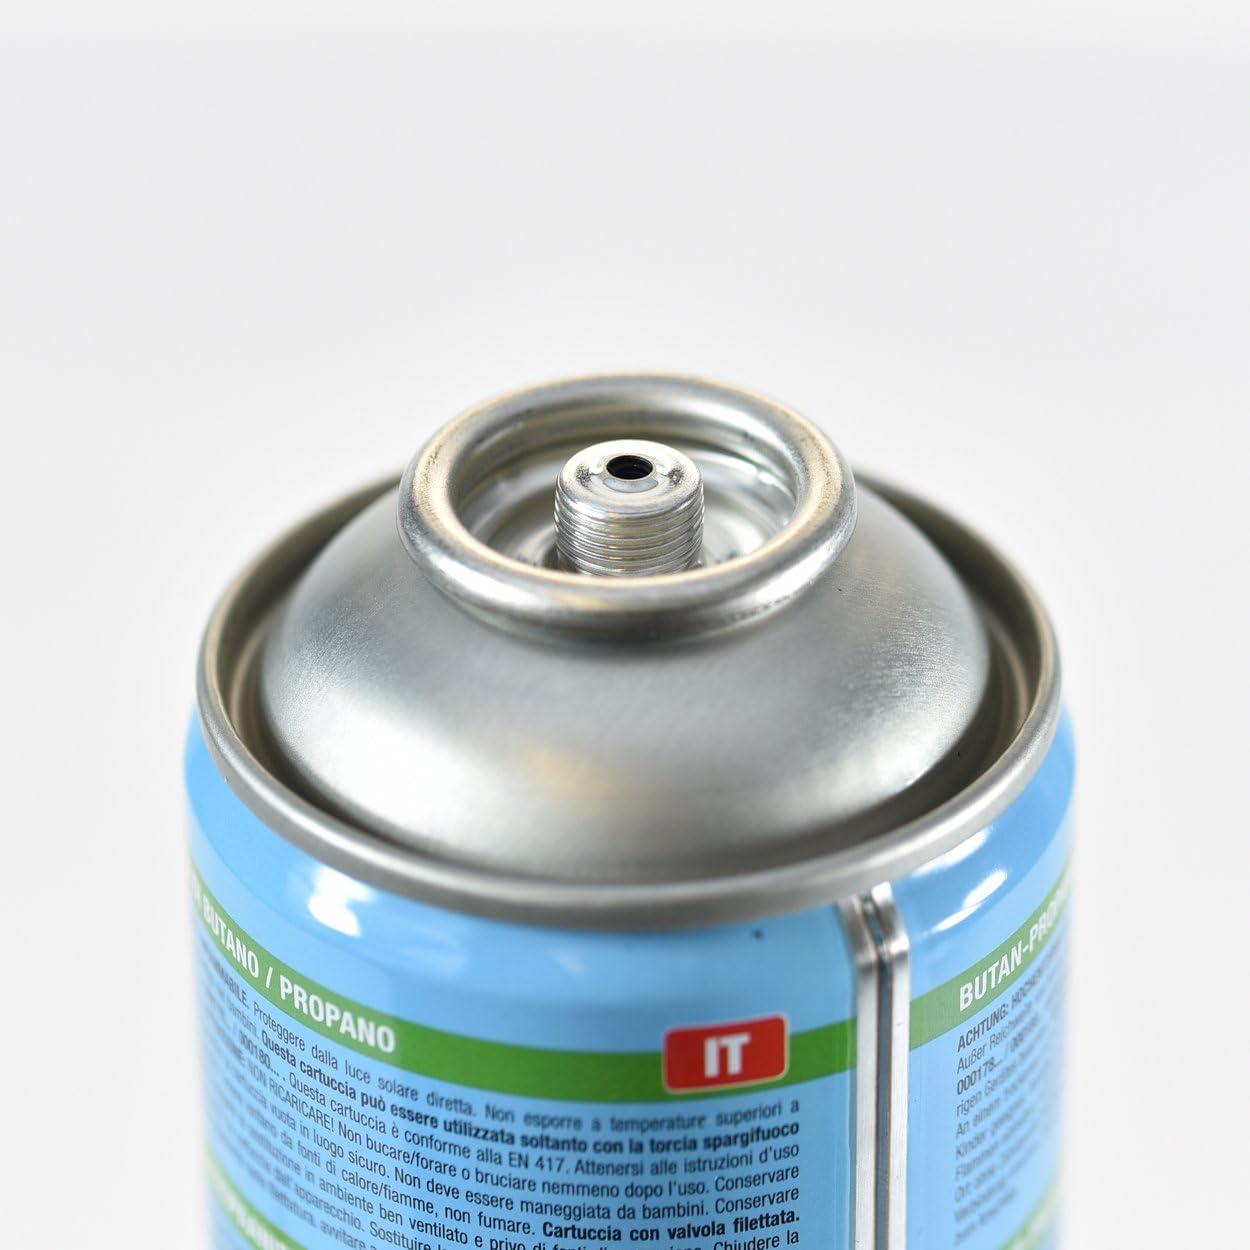 24 x Gas cartucho en417 330 g 600 ml rosca malas hierbas para ...